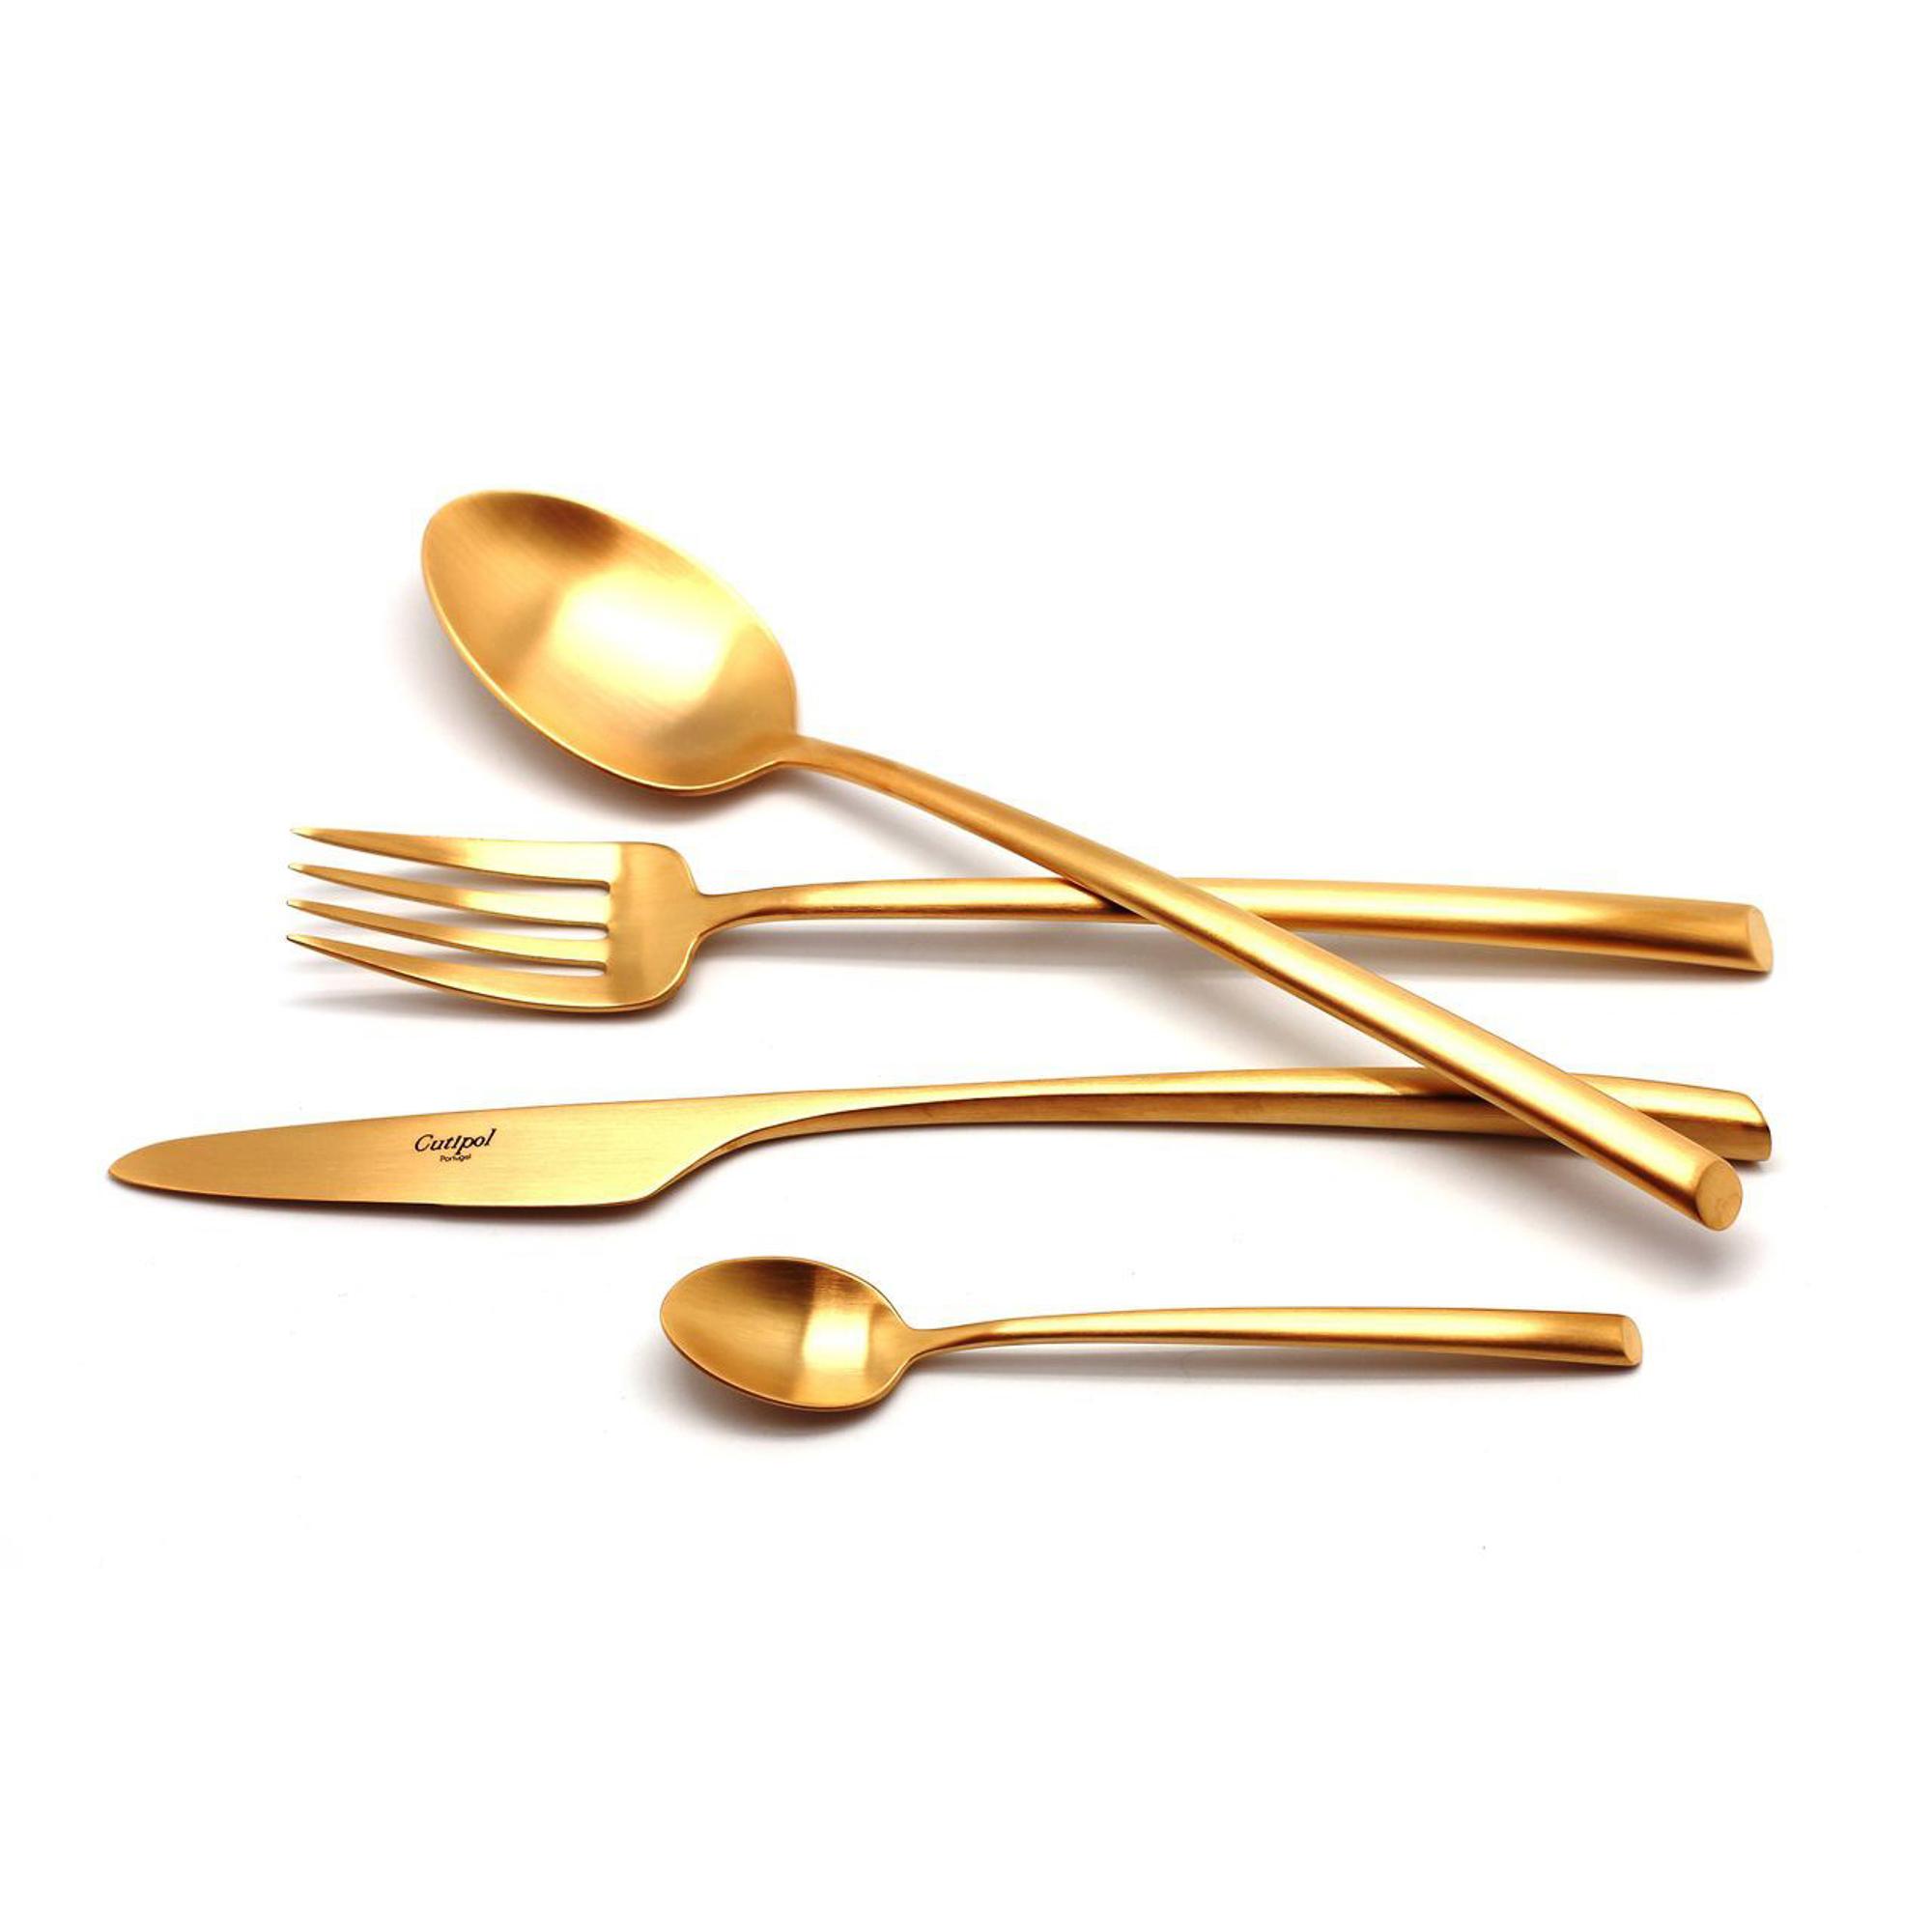 Столовый набор Cutipol MEZZO GOLD 9302-72 72 предмета матовый набор столовых приборов cutipol fontainebleau gold из 72 х предметов 9162 72